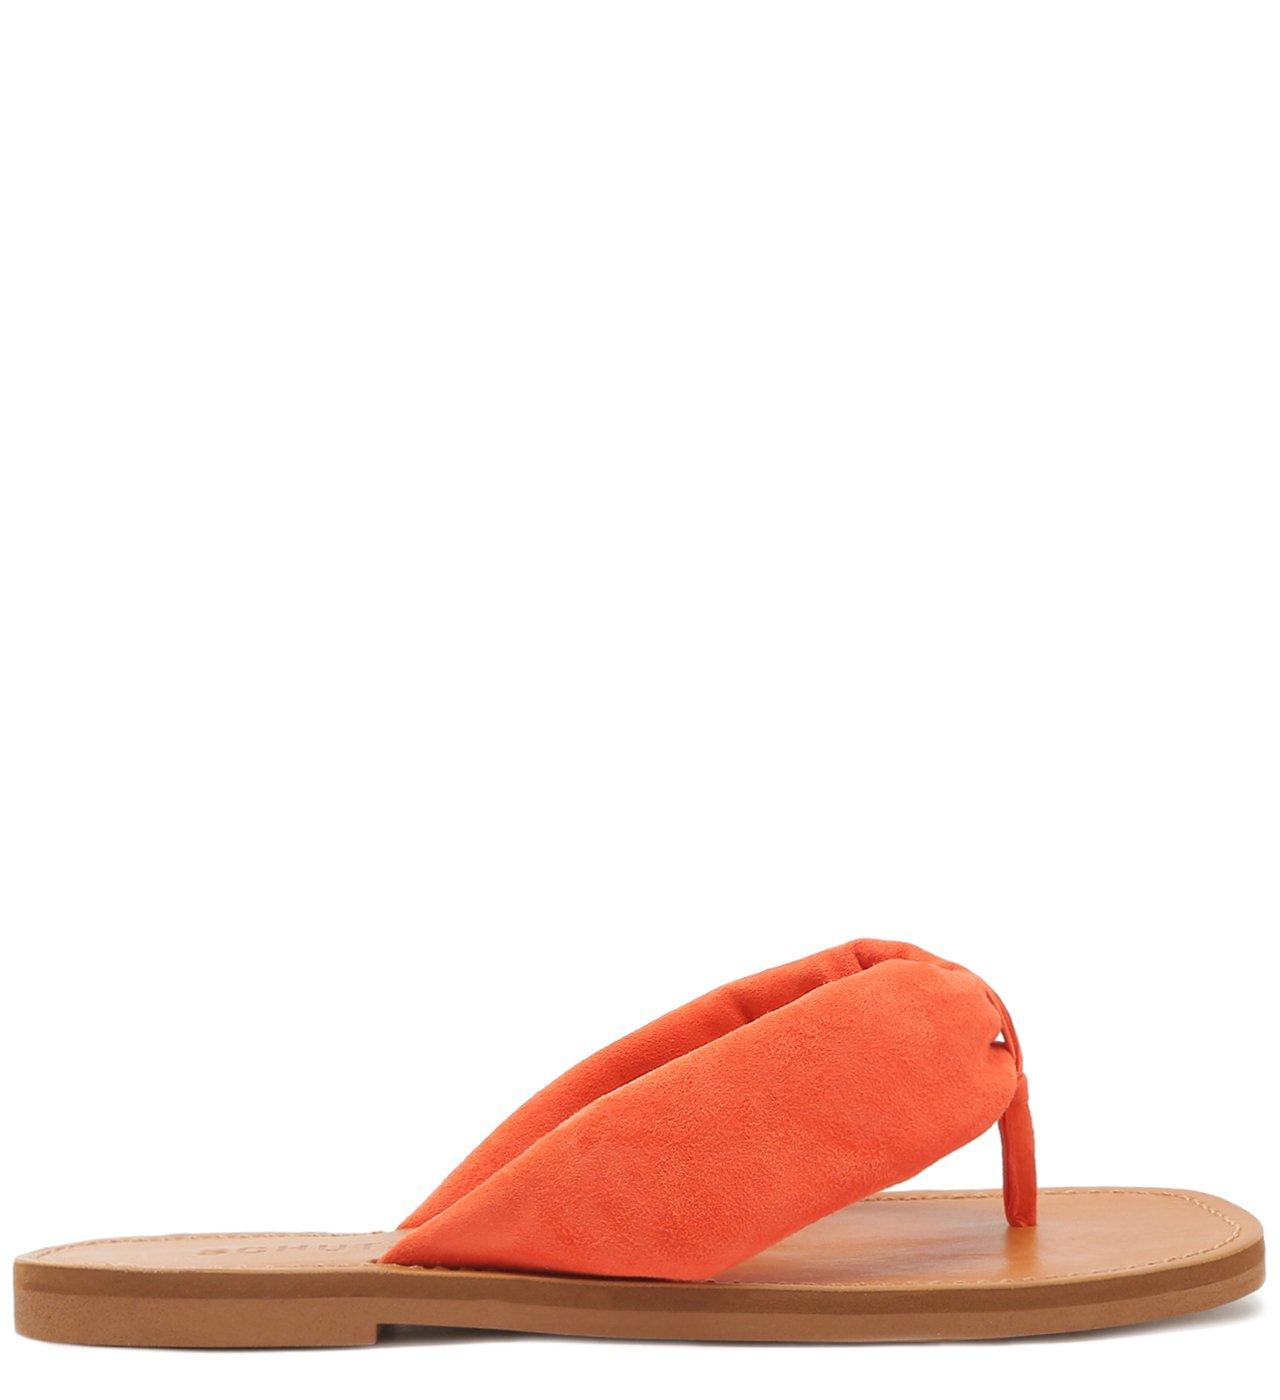 Flat Slide Flip-Flop Ana Suede Orange | Schutz